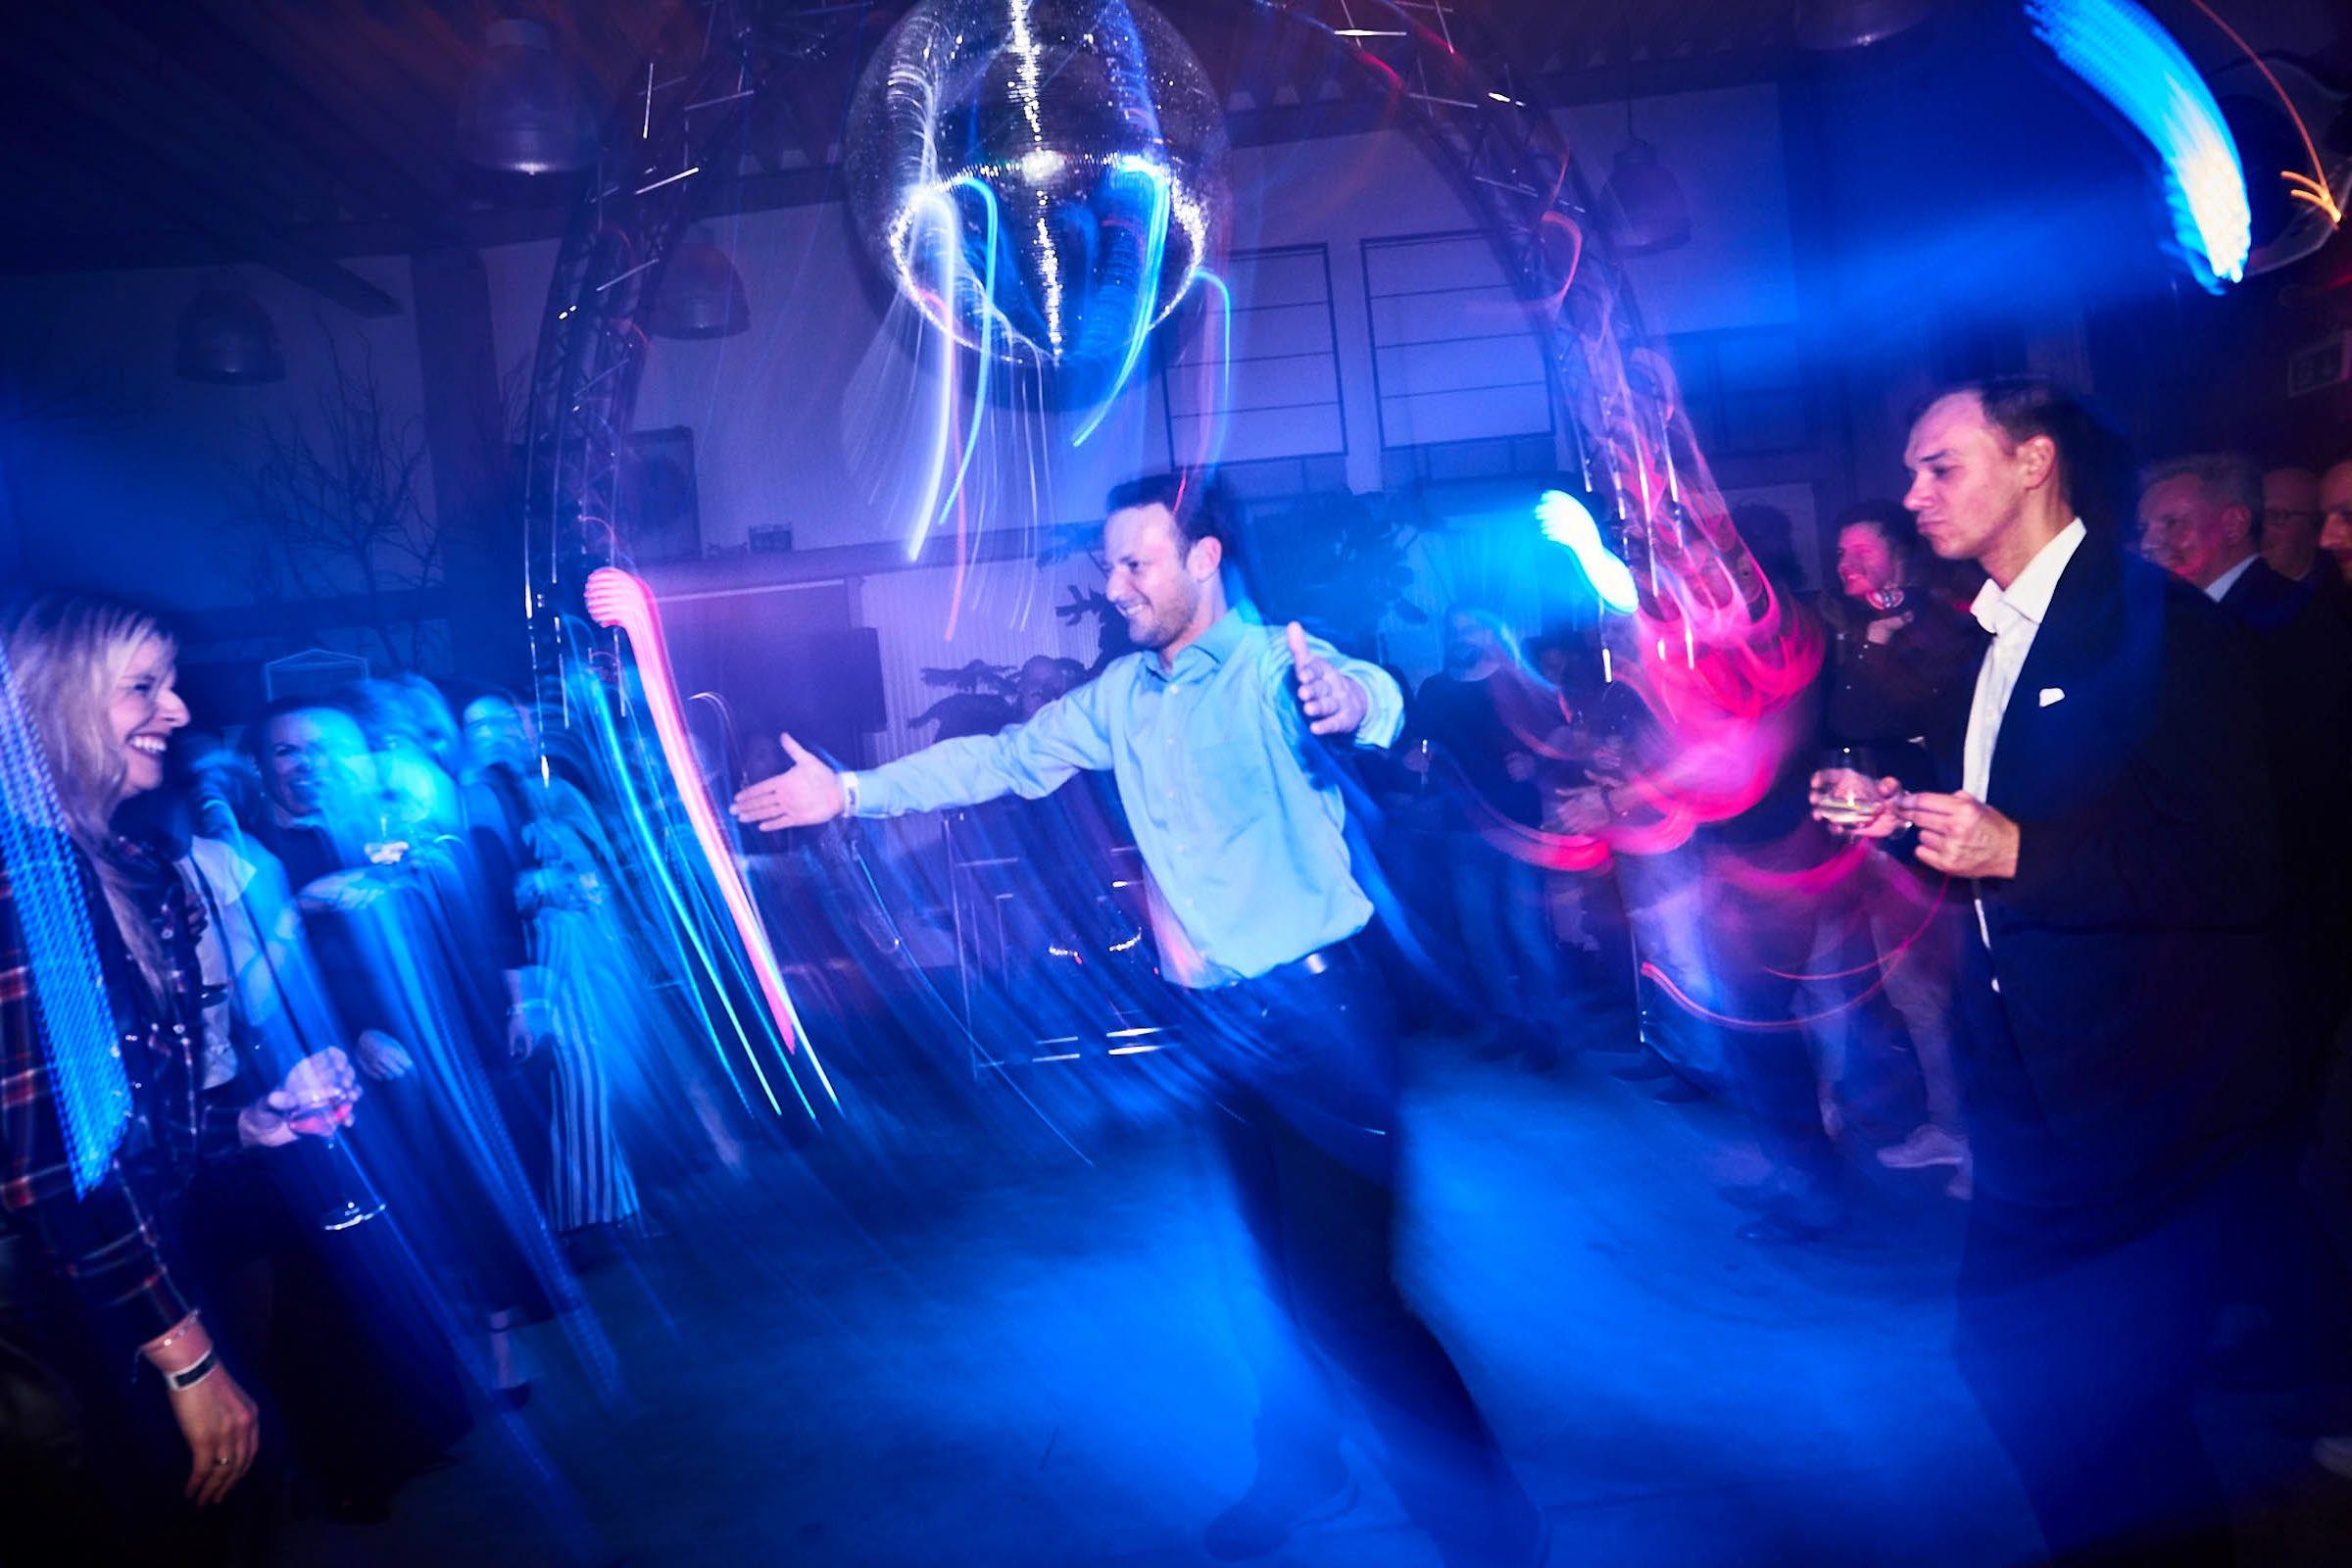 DJ | Geburtstag | DJ | Agentur | DJ | Messe | Hochzeits | DJ | Hannover | DJ | Firmenevent | Firmenfeier | DJ | Hochzeit | DJ | Weihnachtsfeier | DJ | Sommerfest | Buchen | Anfragen | Lehmann | Eventservice